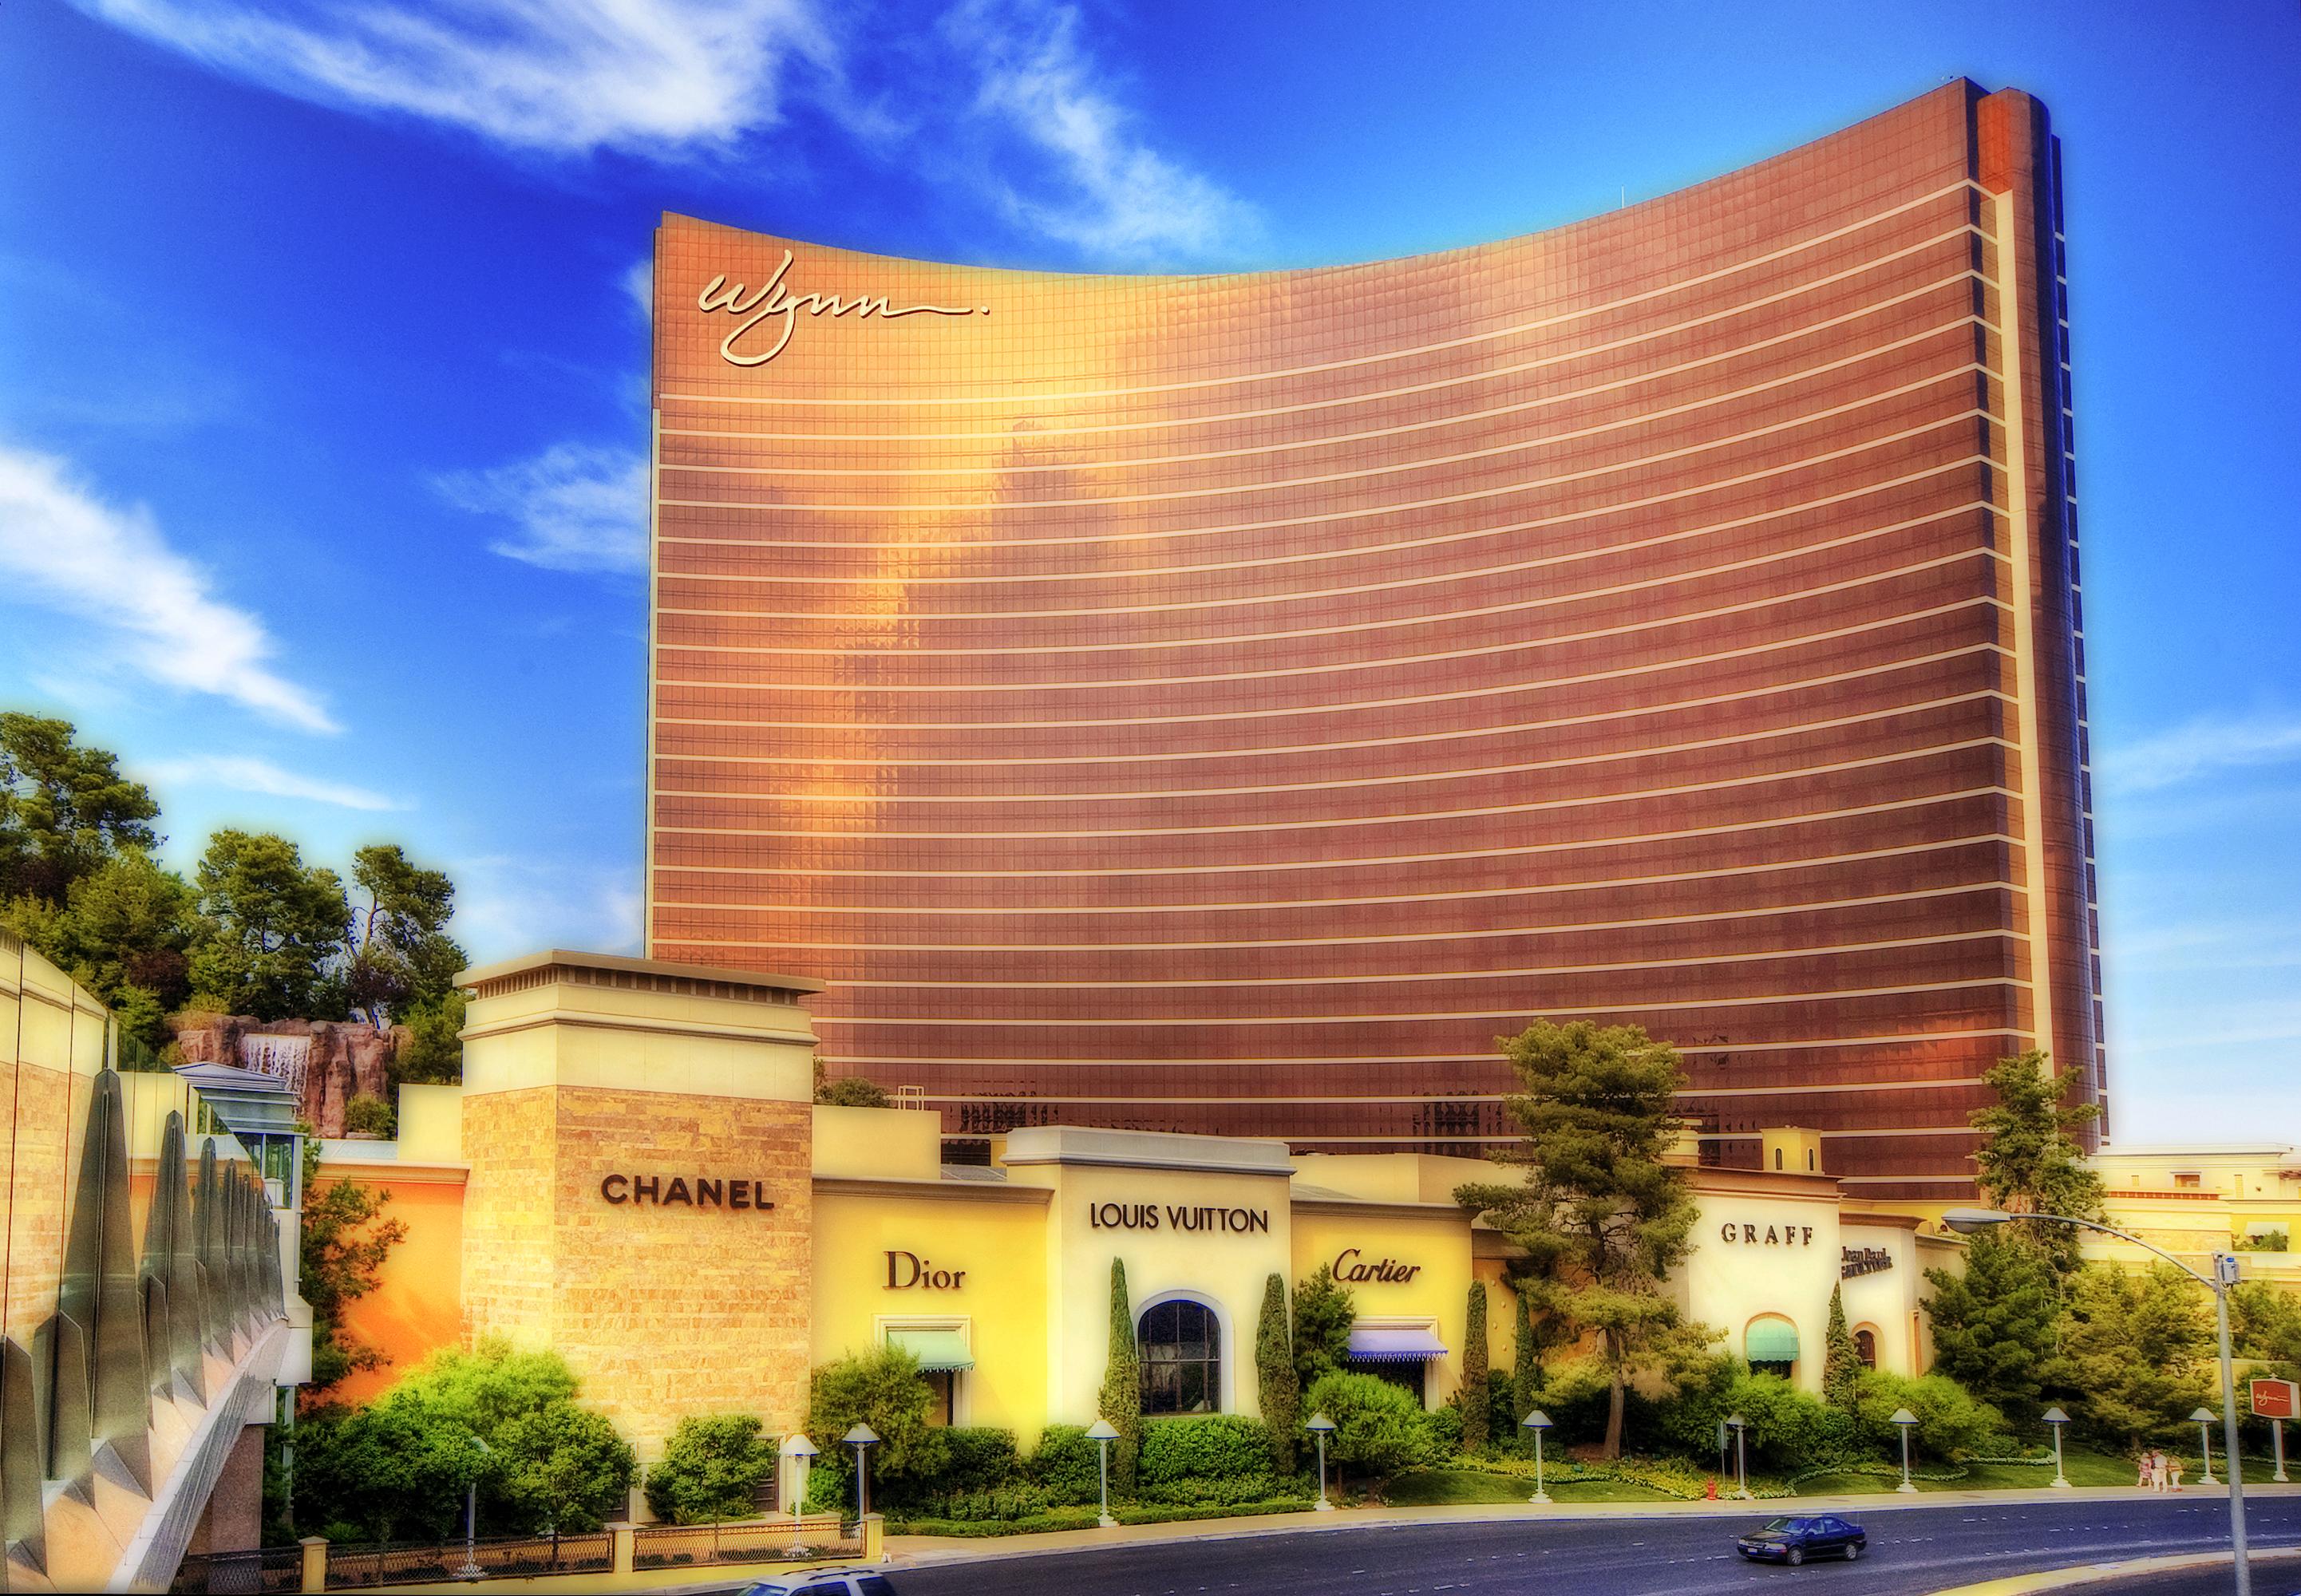 Wynn casino las vegas wiki best poker school in the world